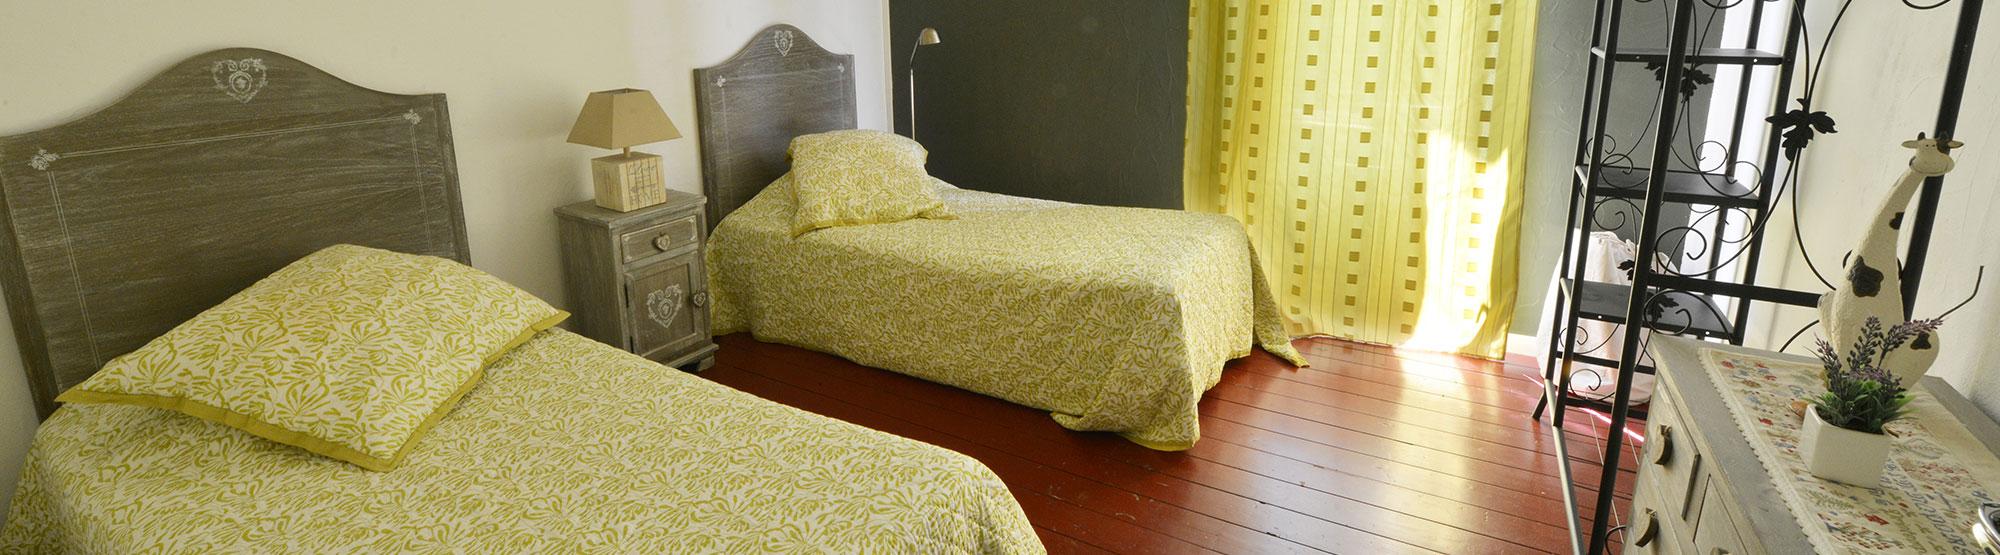 Chambres d'hôtes Chez D'Eau canal de Bourgogne